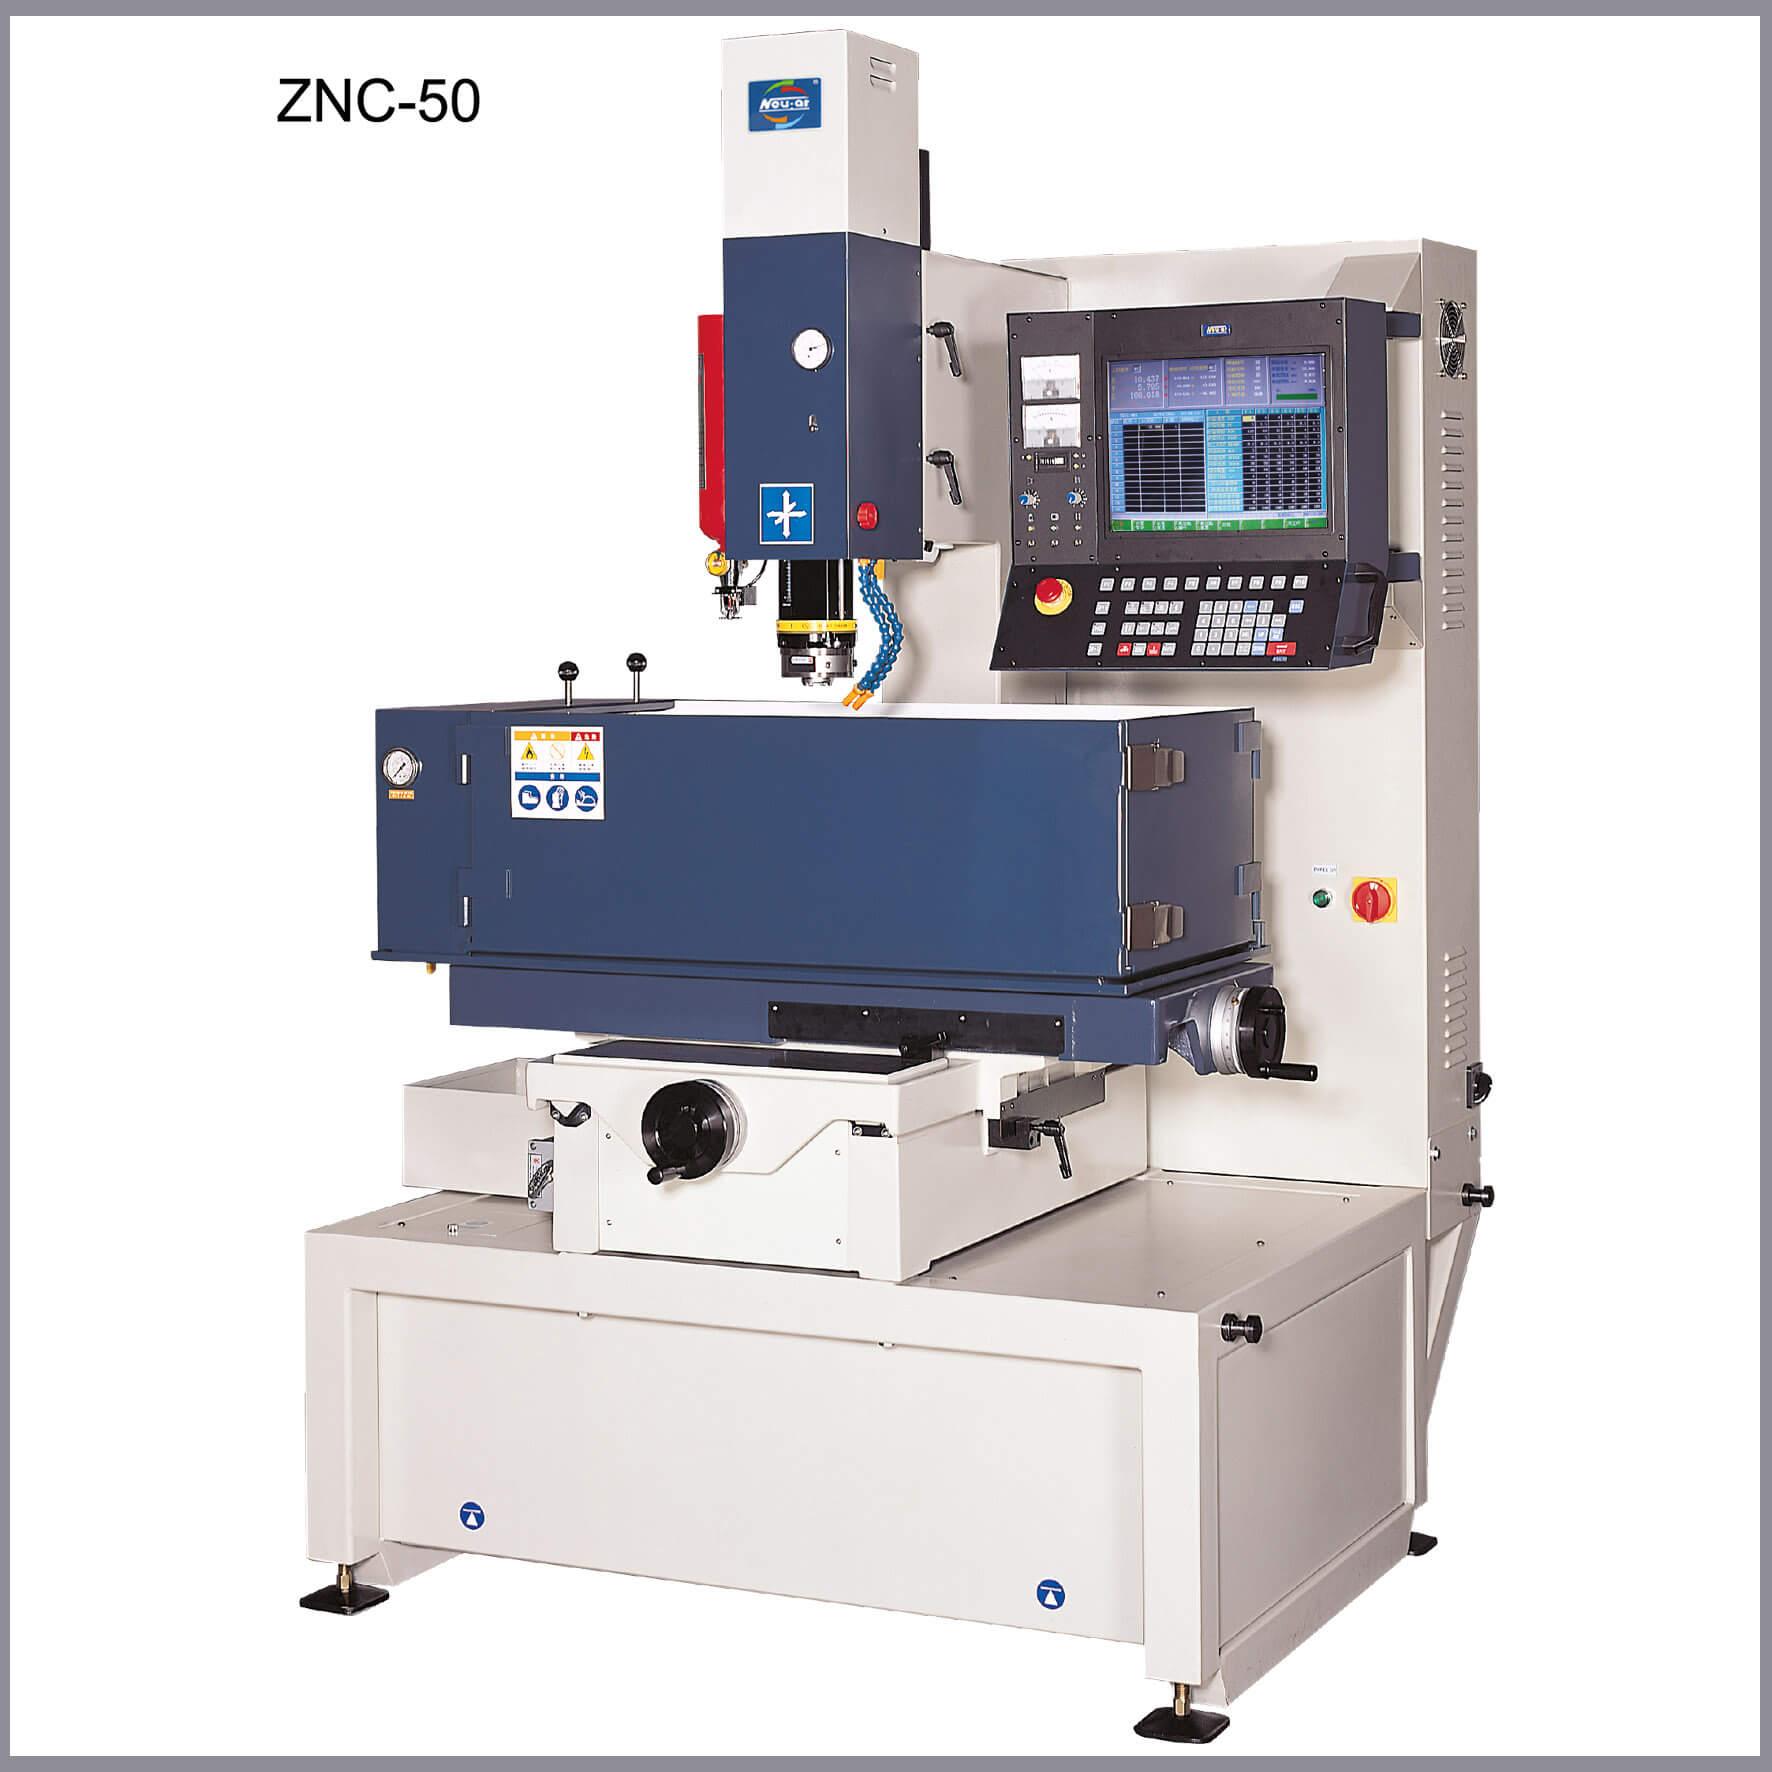 NEUAR ZNC-50 350 x 250 x 200 mm